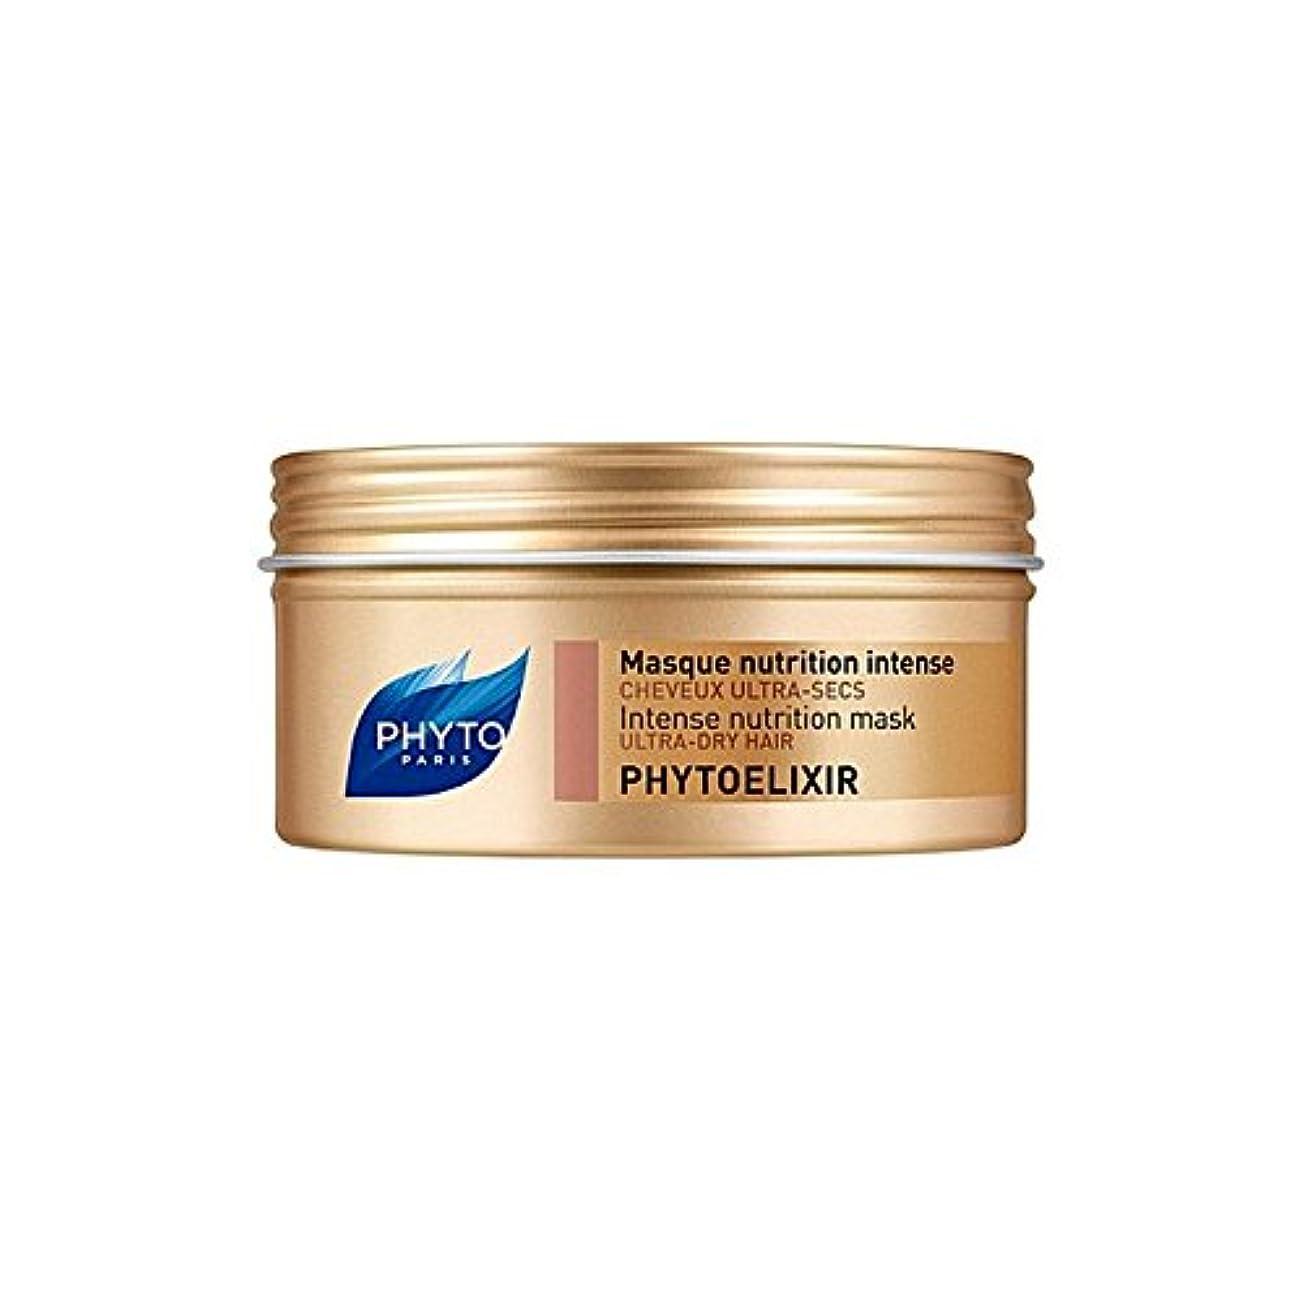 確かめるどうやらヒップフィトの強烈な栄養マスク x2 - Phyto Phytoelixir Intense Nutrition Mask (Pack of 2) [並行輸入品]